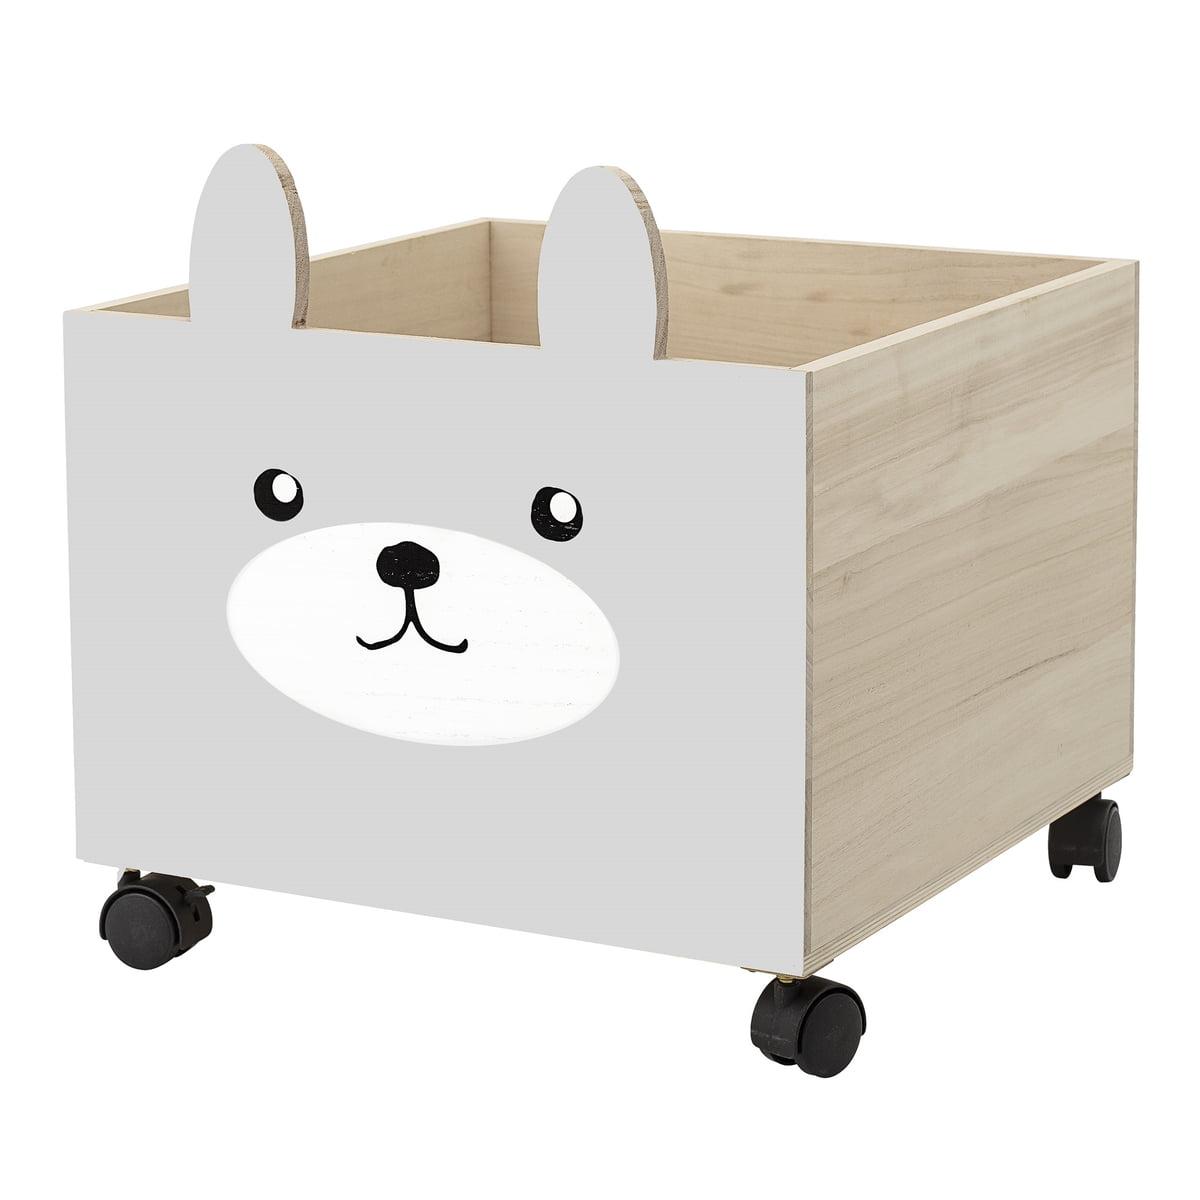 Bloomingville - Spielzeug-Kiste mit Rollen, grau / weiß